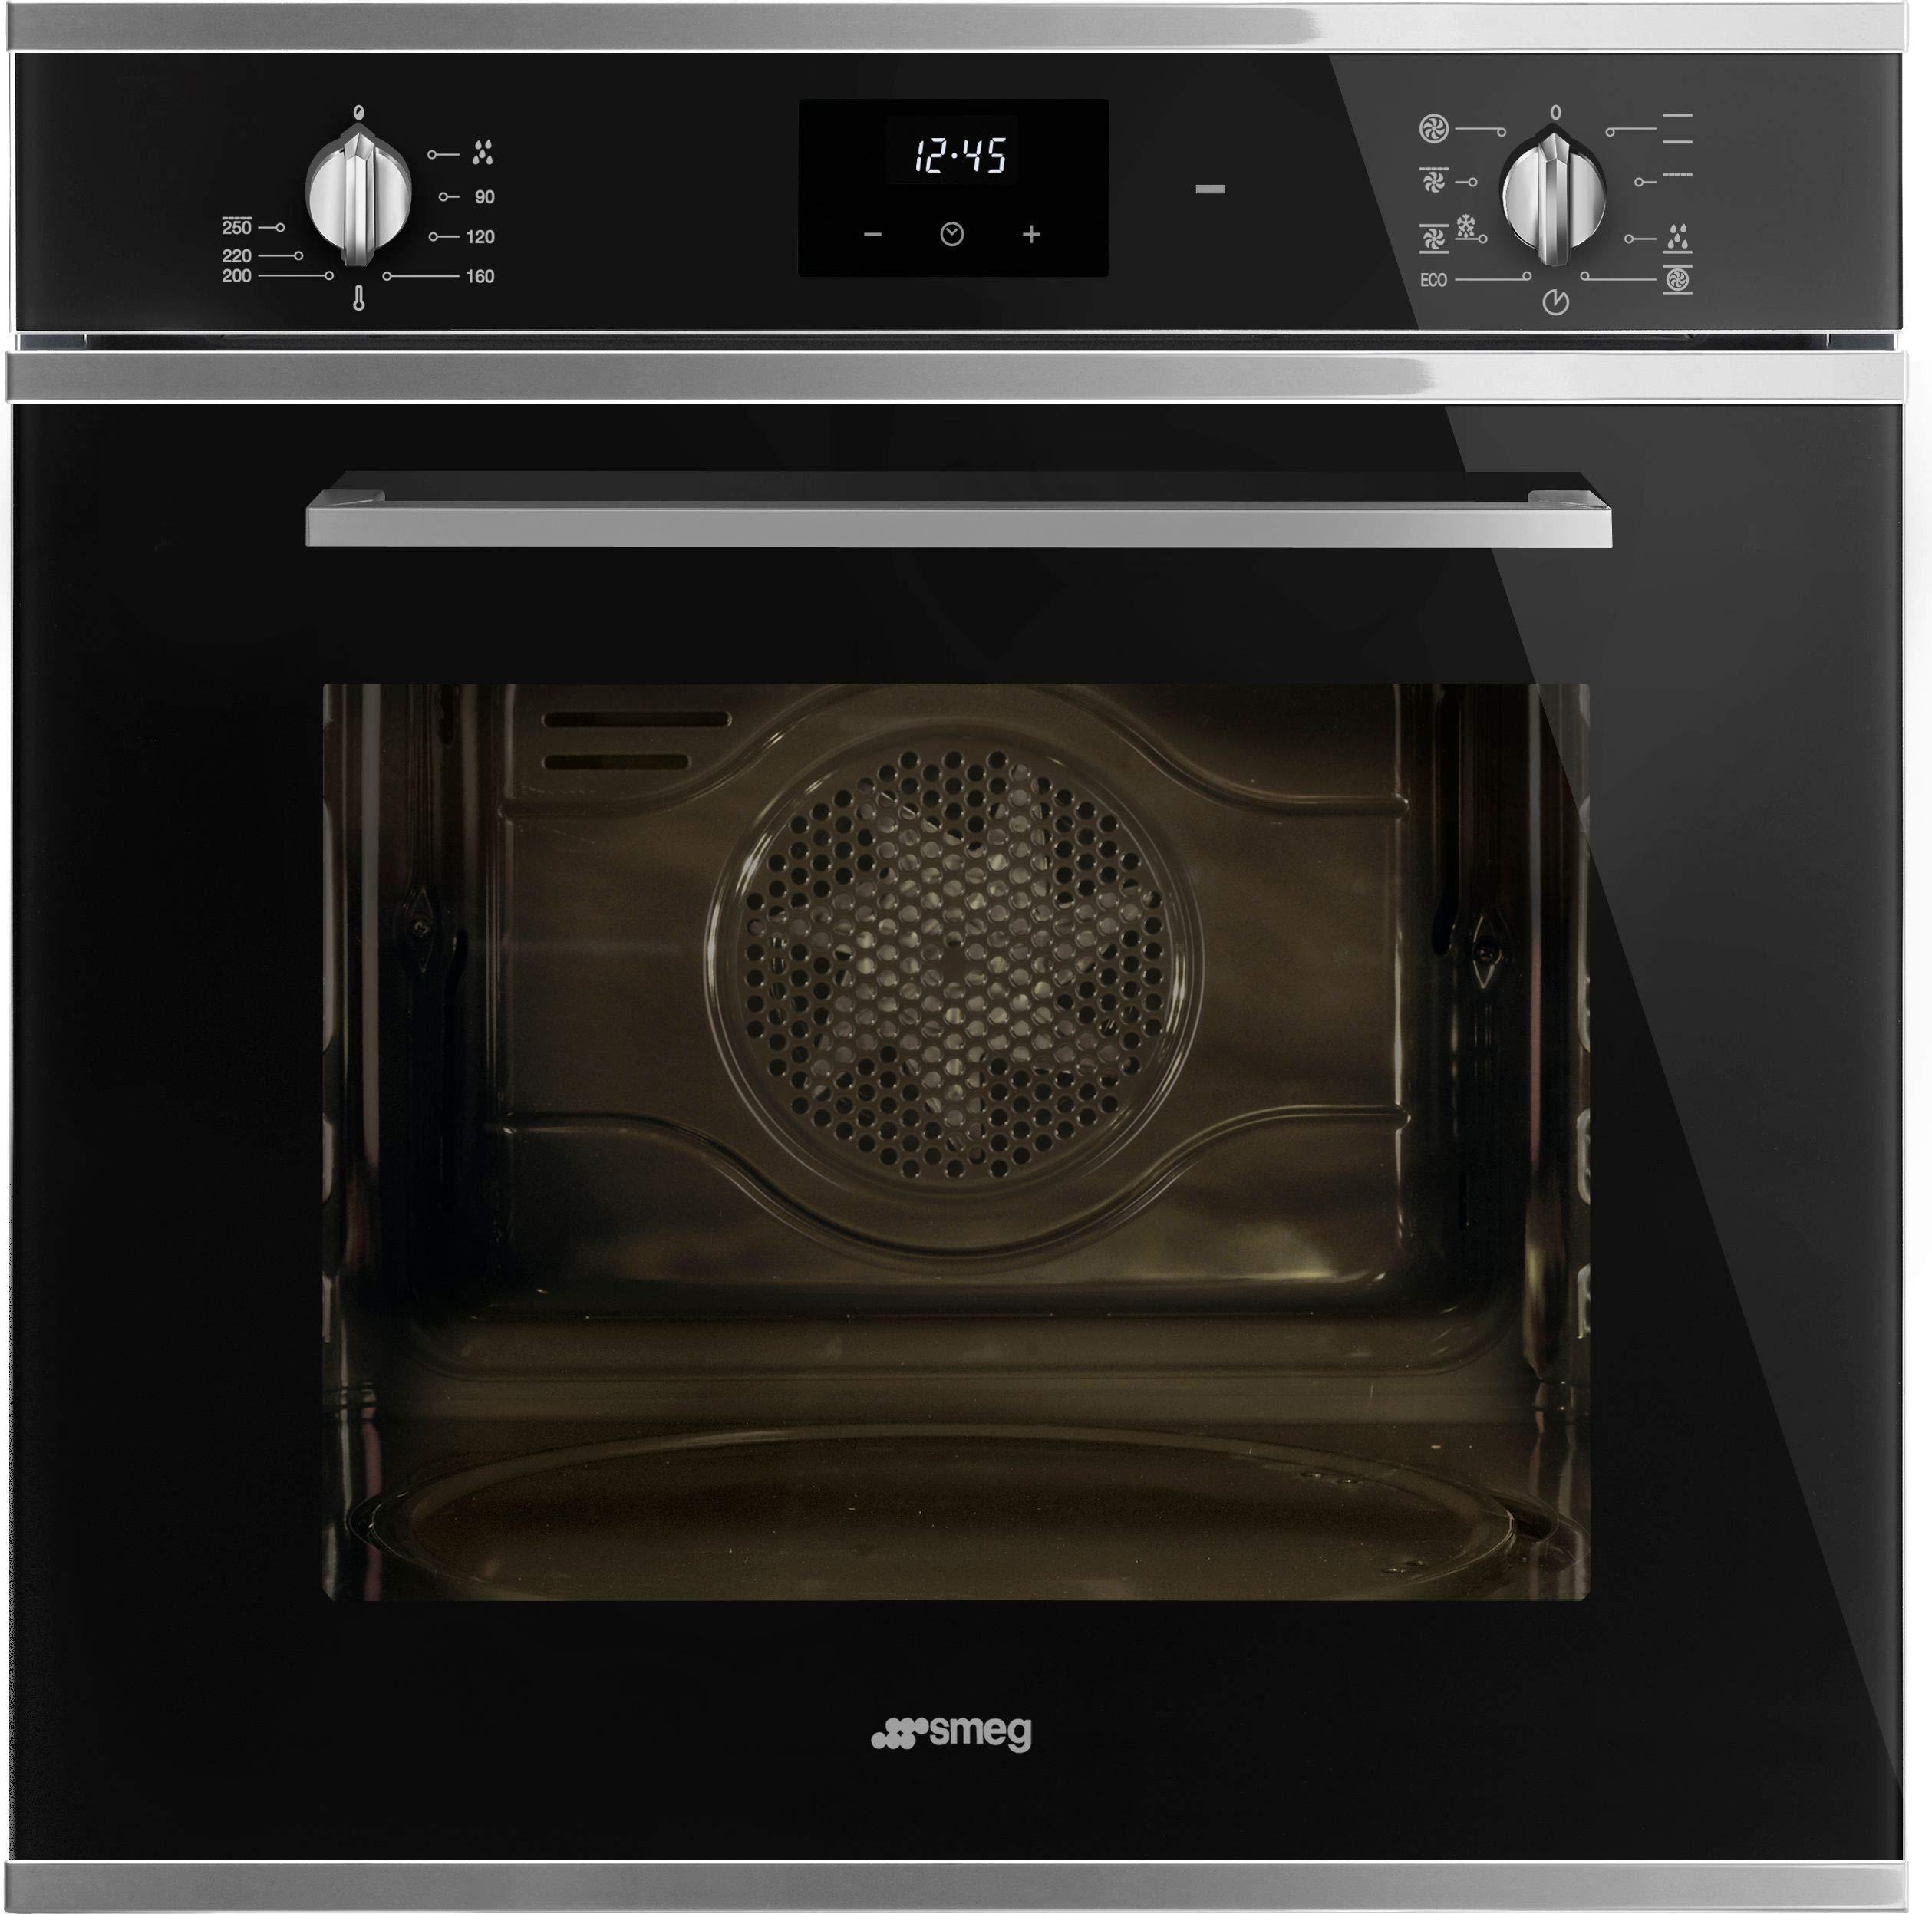 Smeg SF6400TVN Cucina - Horno individual multifunción (60 cm), color negro: Amazon.es: Grandes electrodomésticos